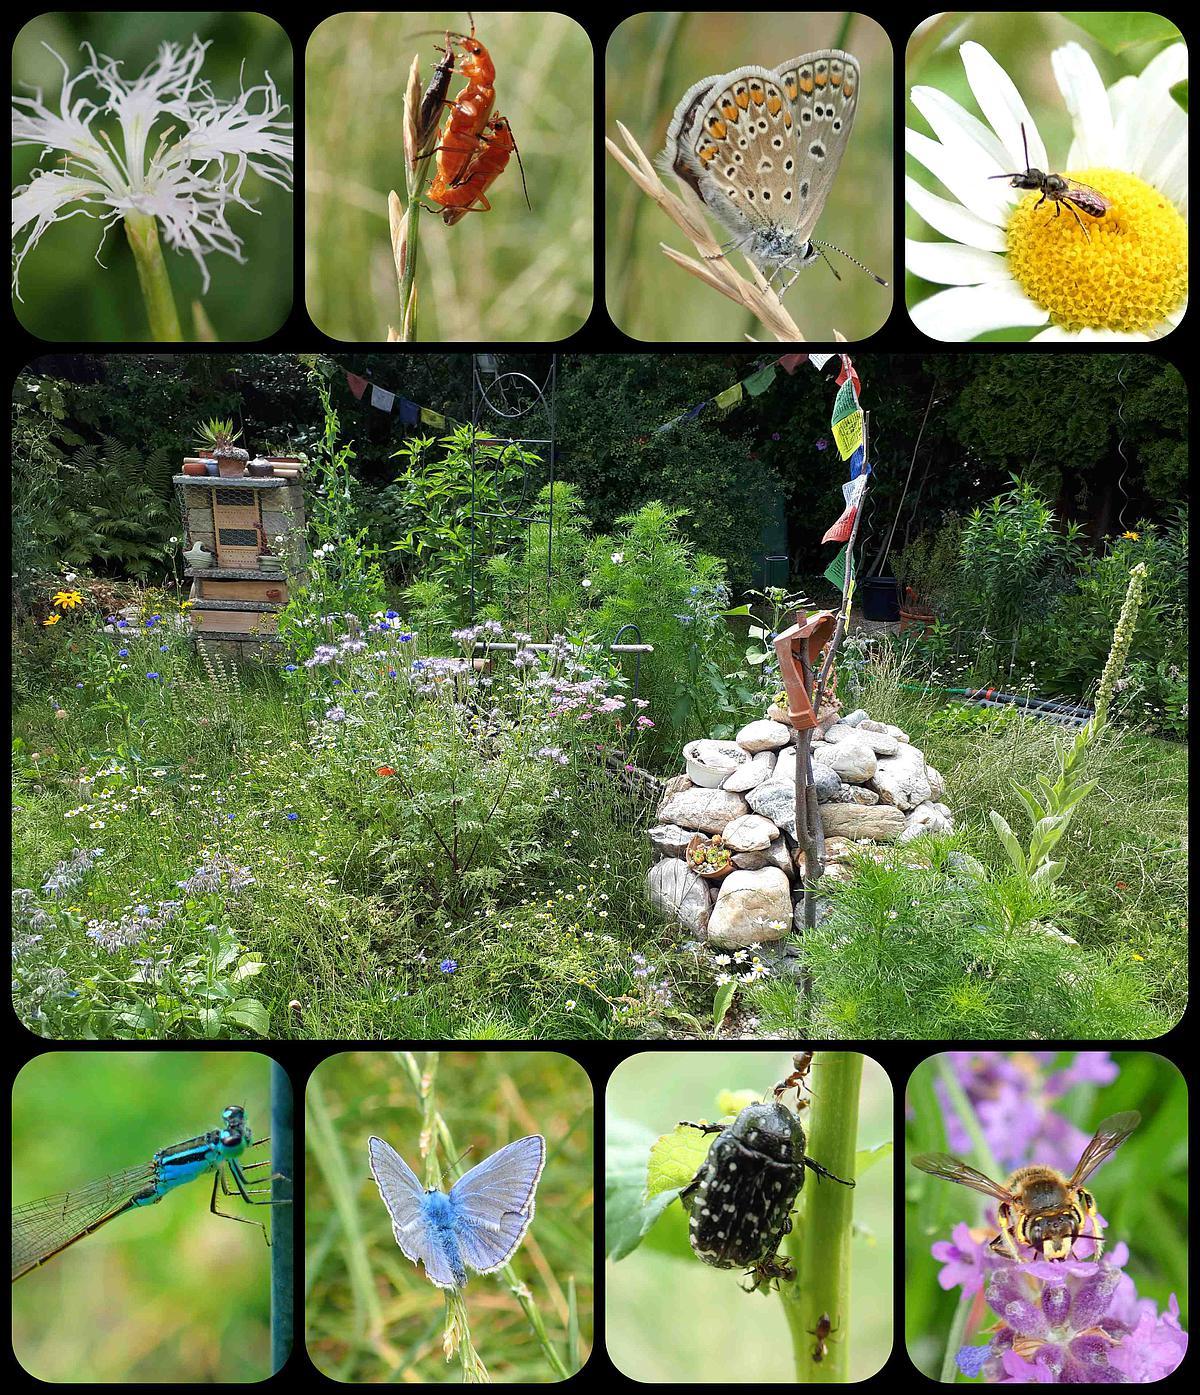 Nationalpark Garten Fotowettbewerb Gewinnerbild Platz 1